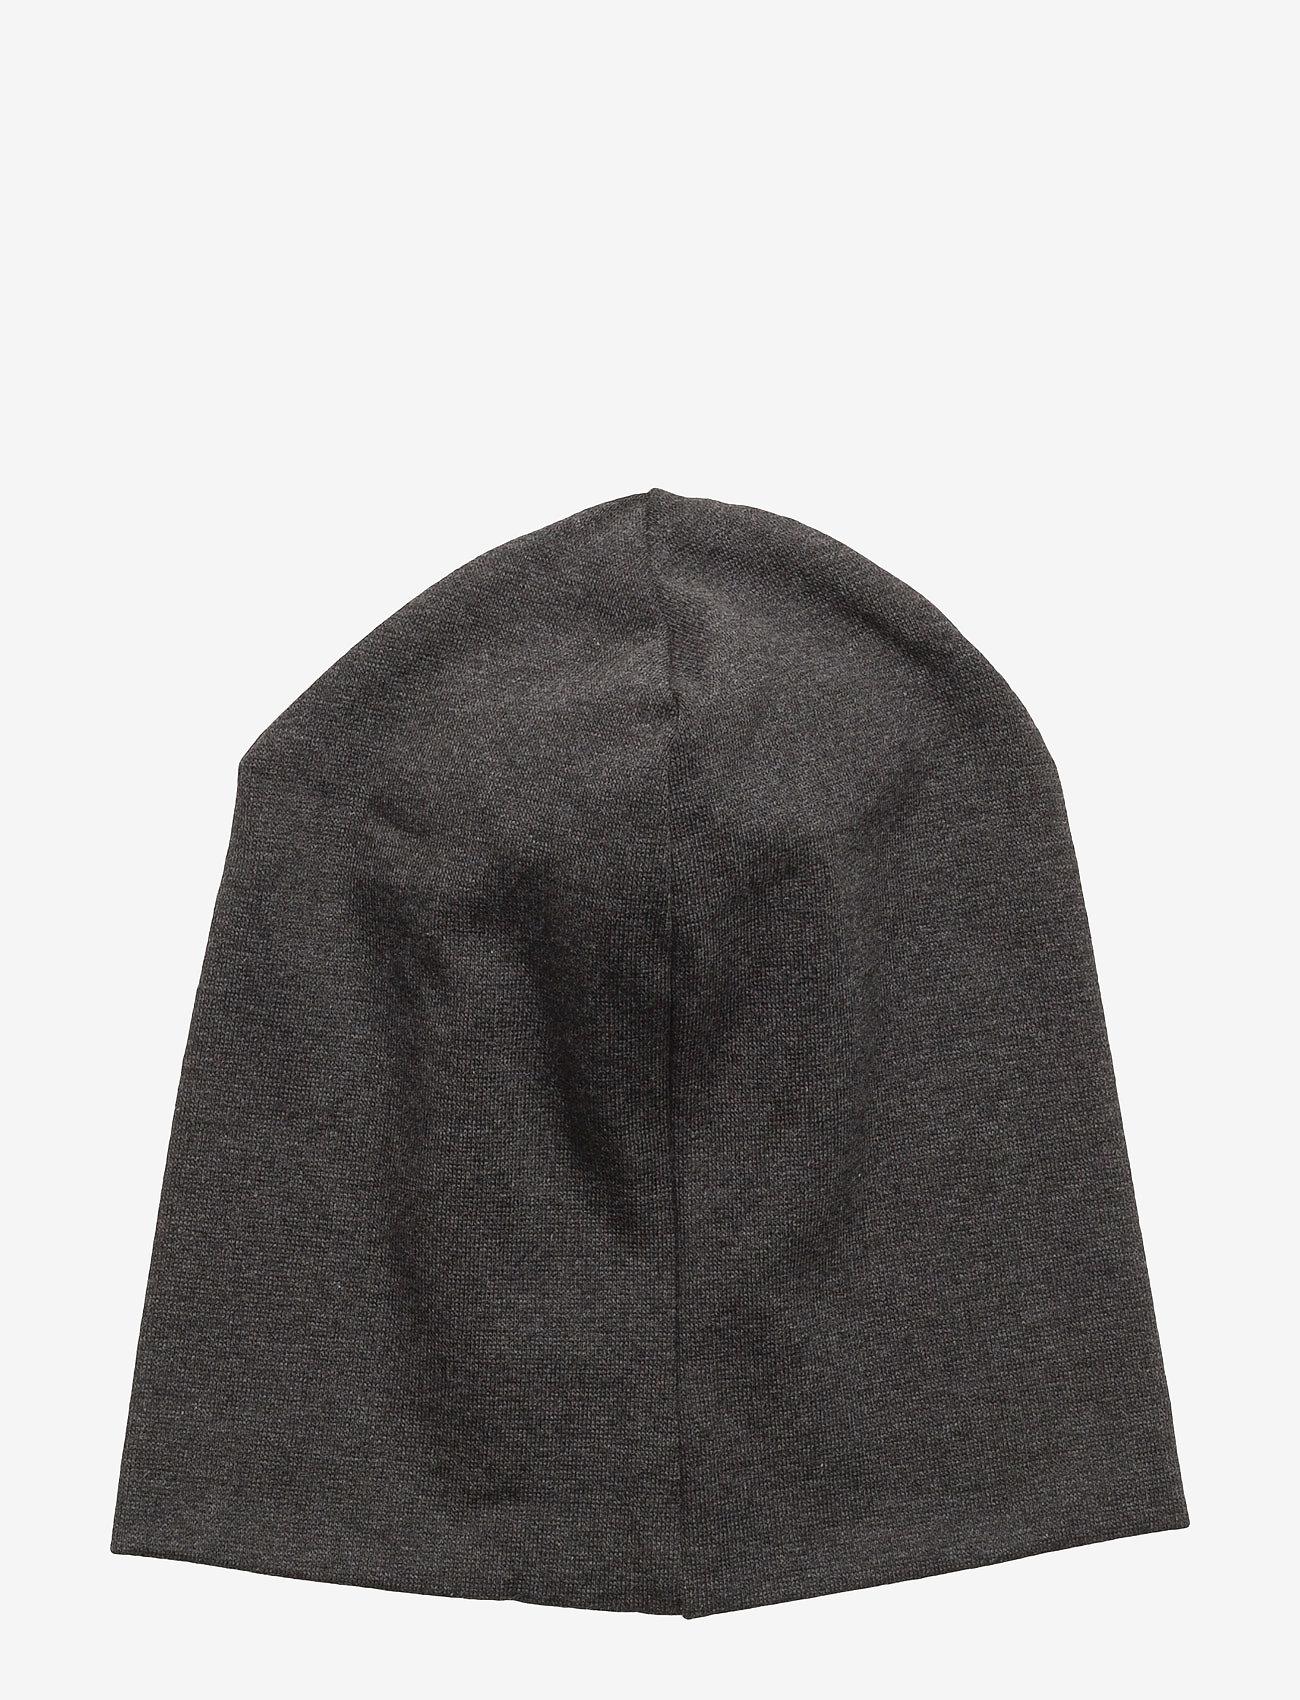 Mikk-Line - Cotton Hat - Solid - huer - 180/dark grey melange - 1